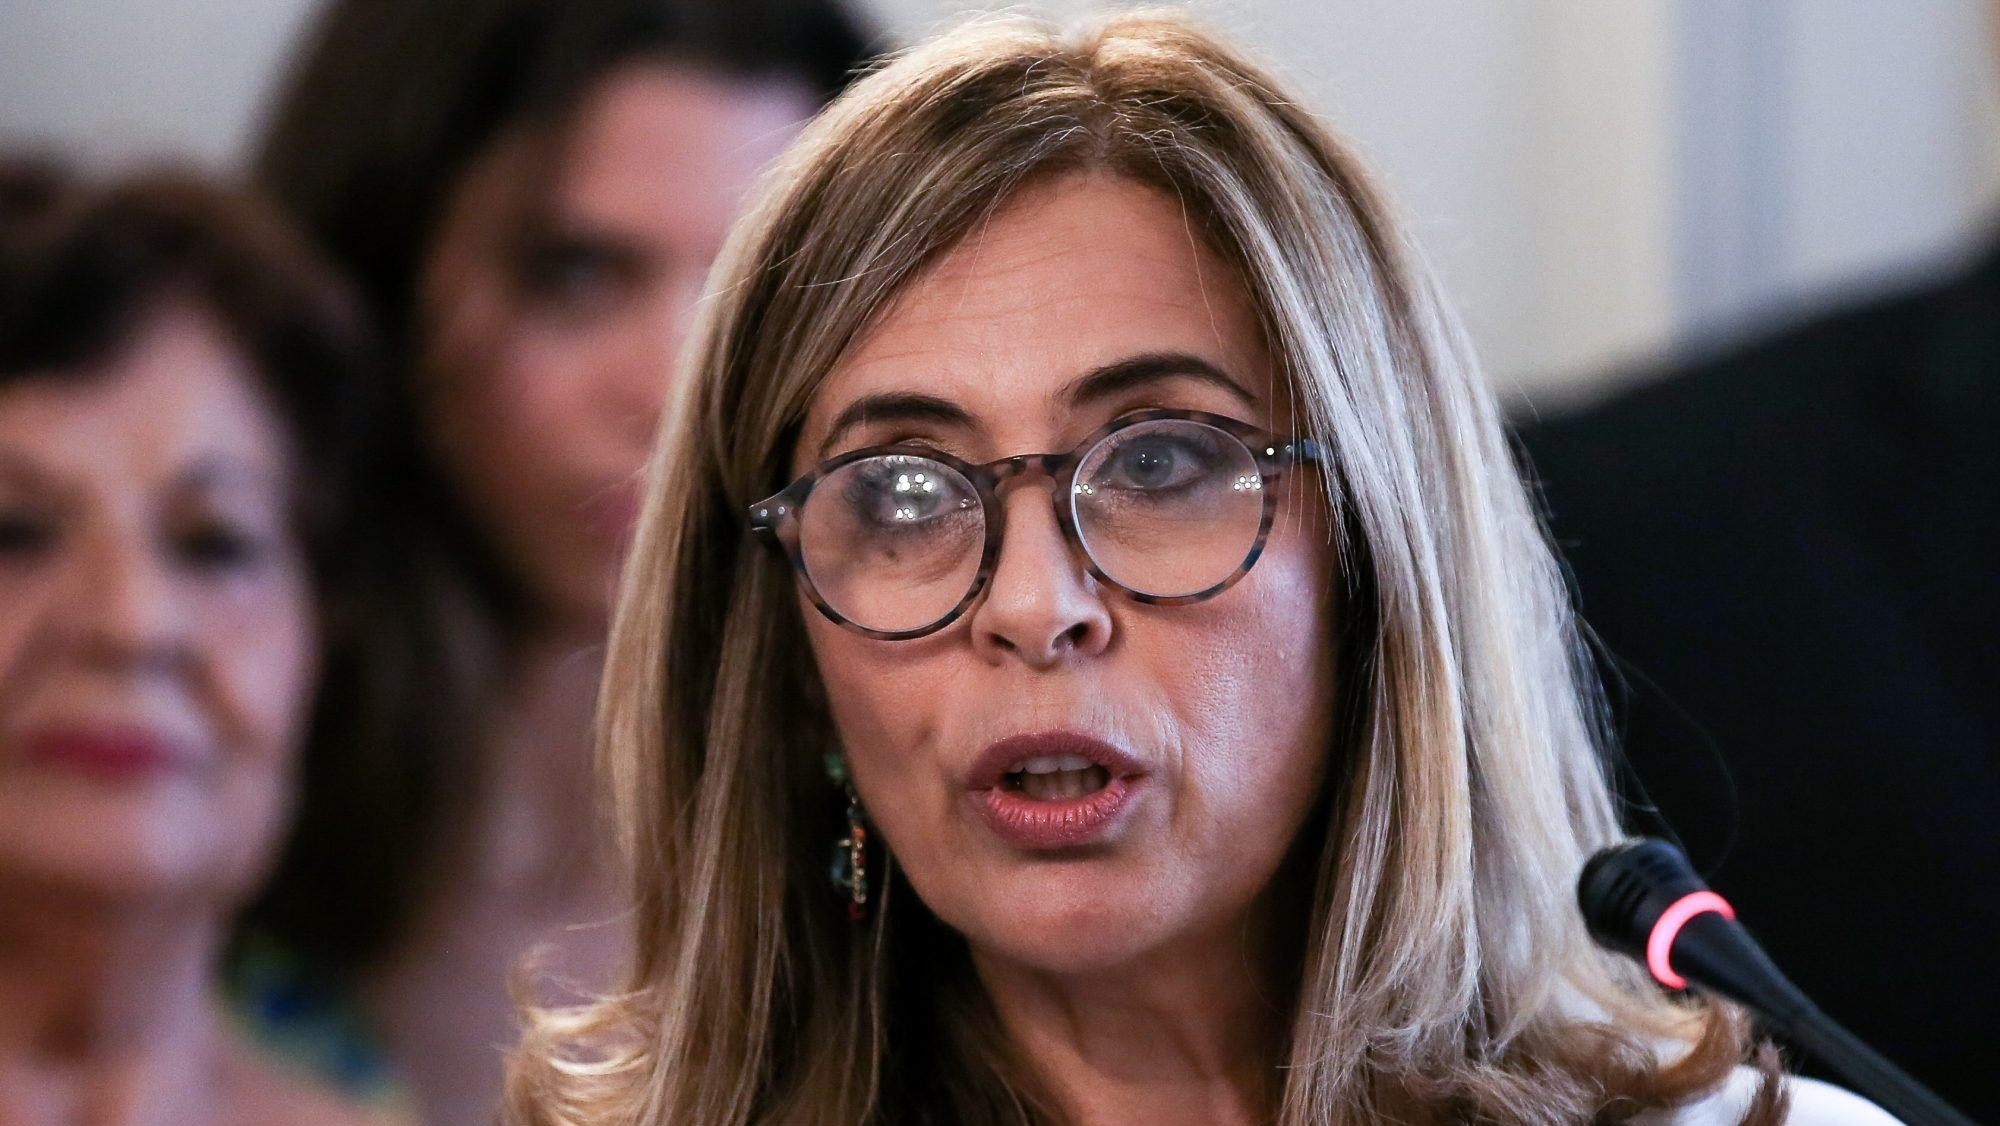 Tomada de posse à nova inspetora-geral da Administração Interna, Anabela Leitão Cabral Ferreira